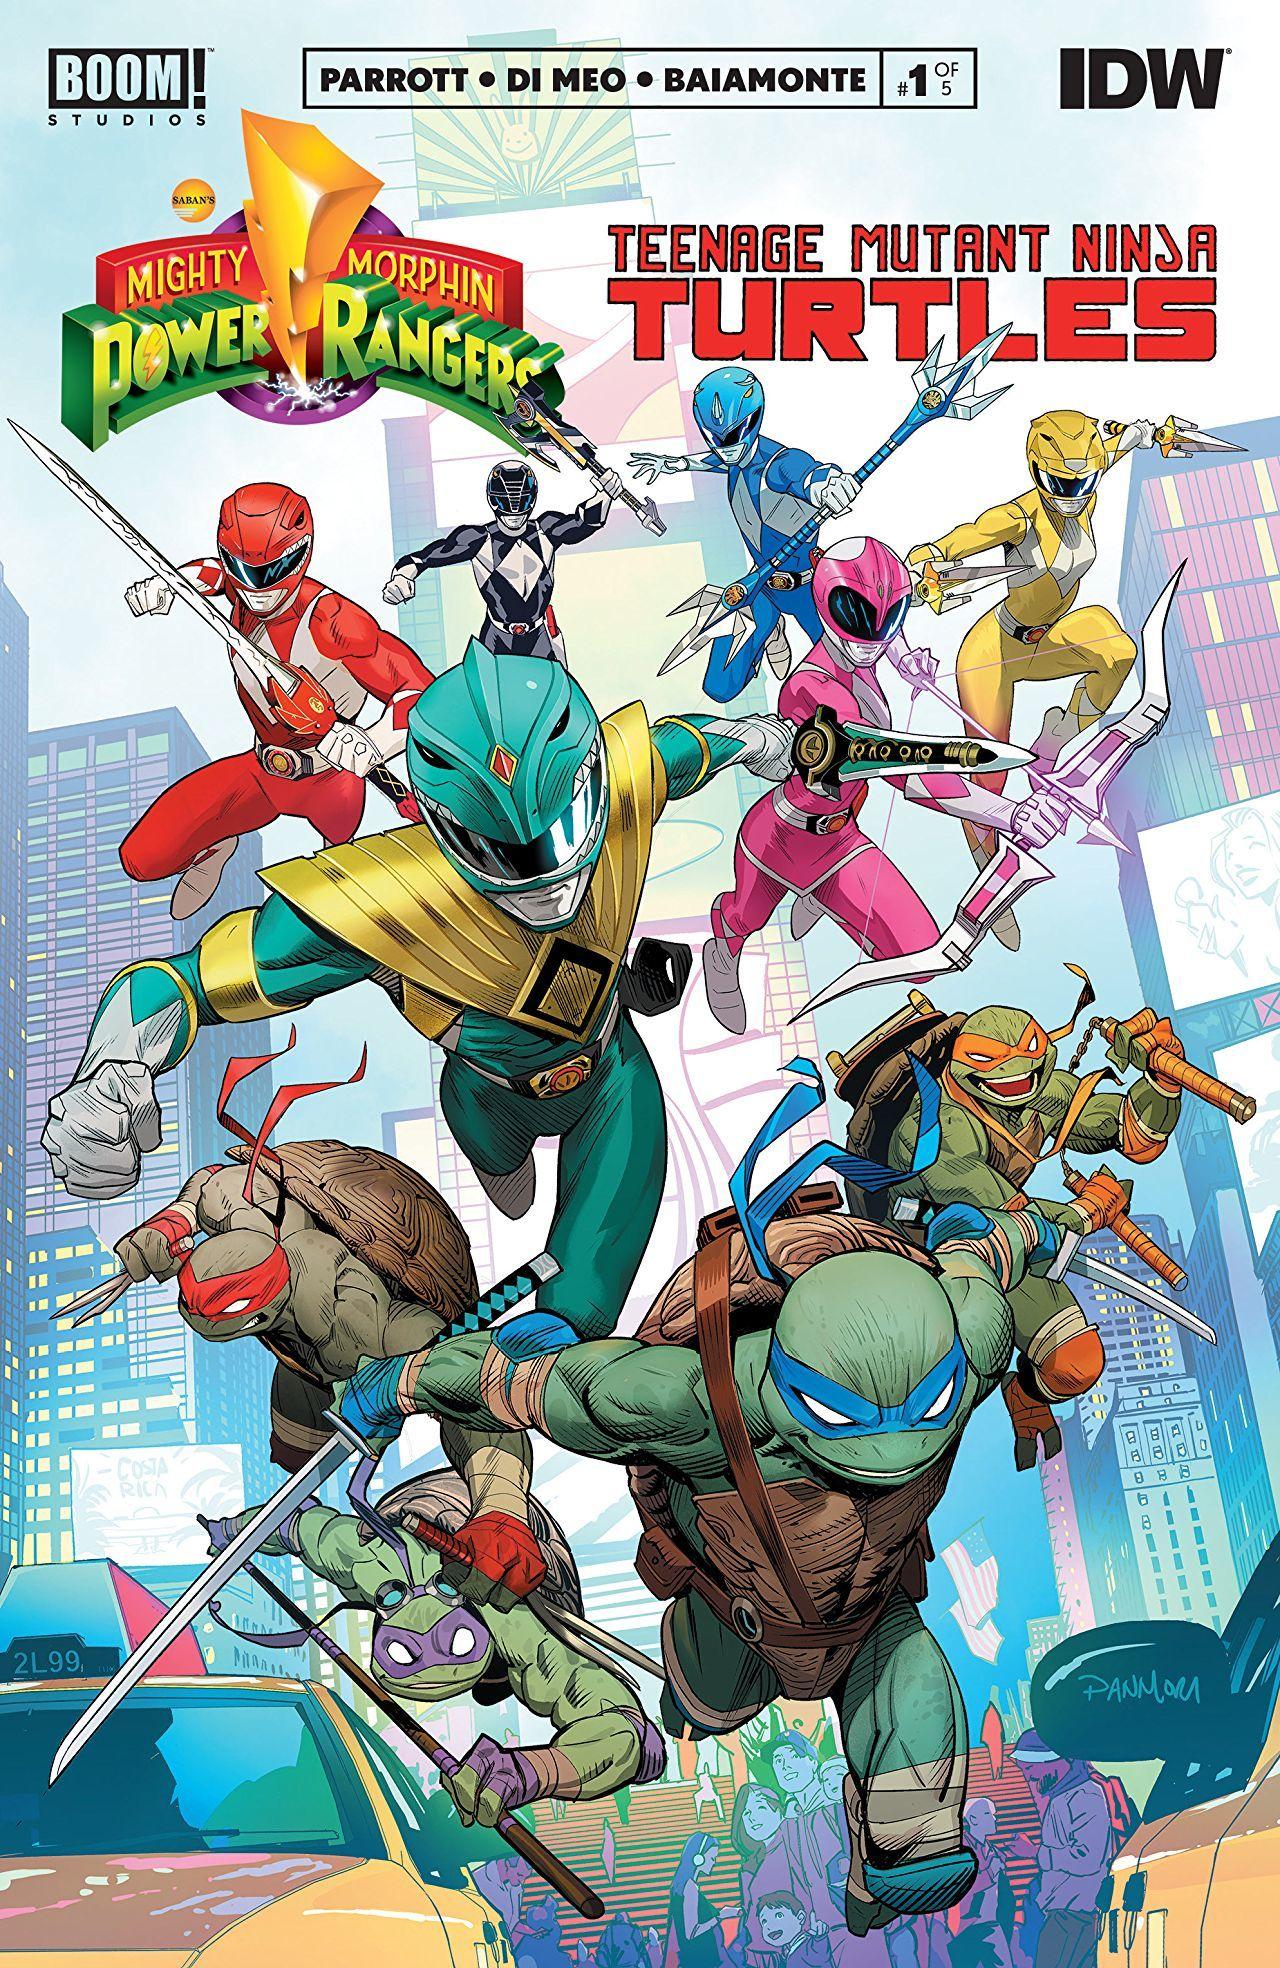 Ranger-Turtles #1 Cover